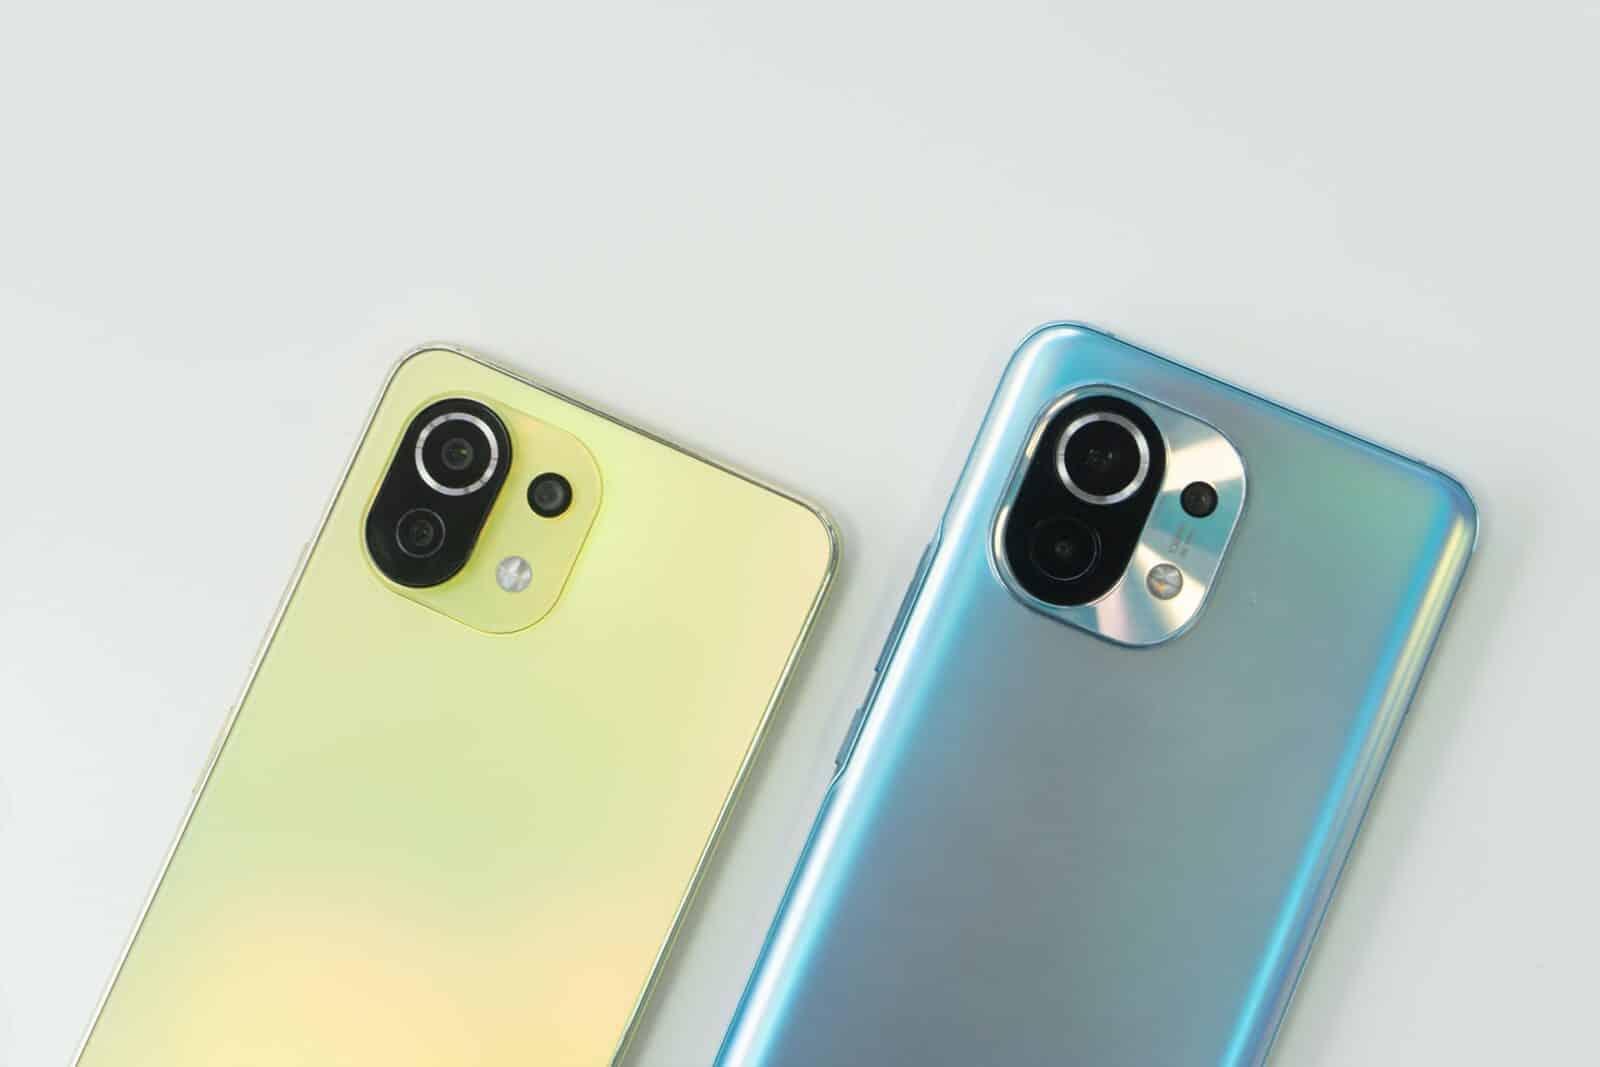 Les smartphones Xiaomi Mi 11 et Mi 11 Lite